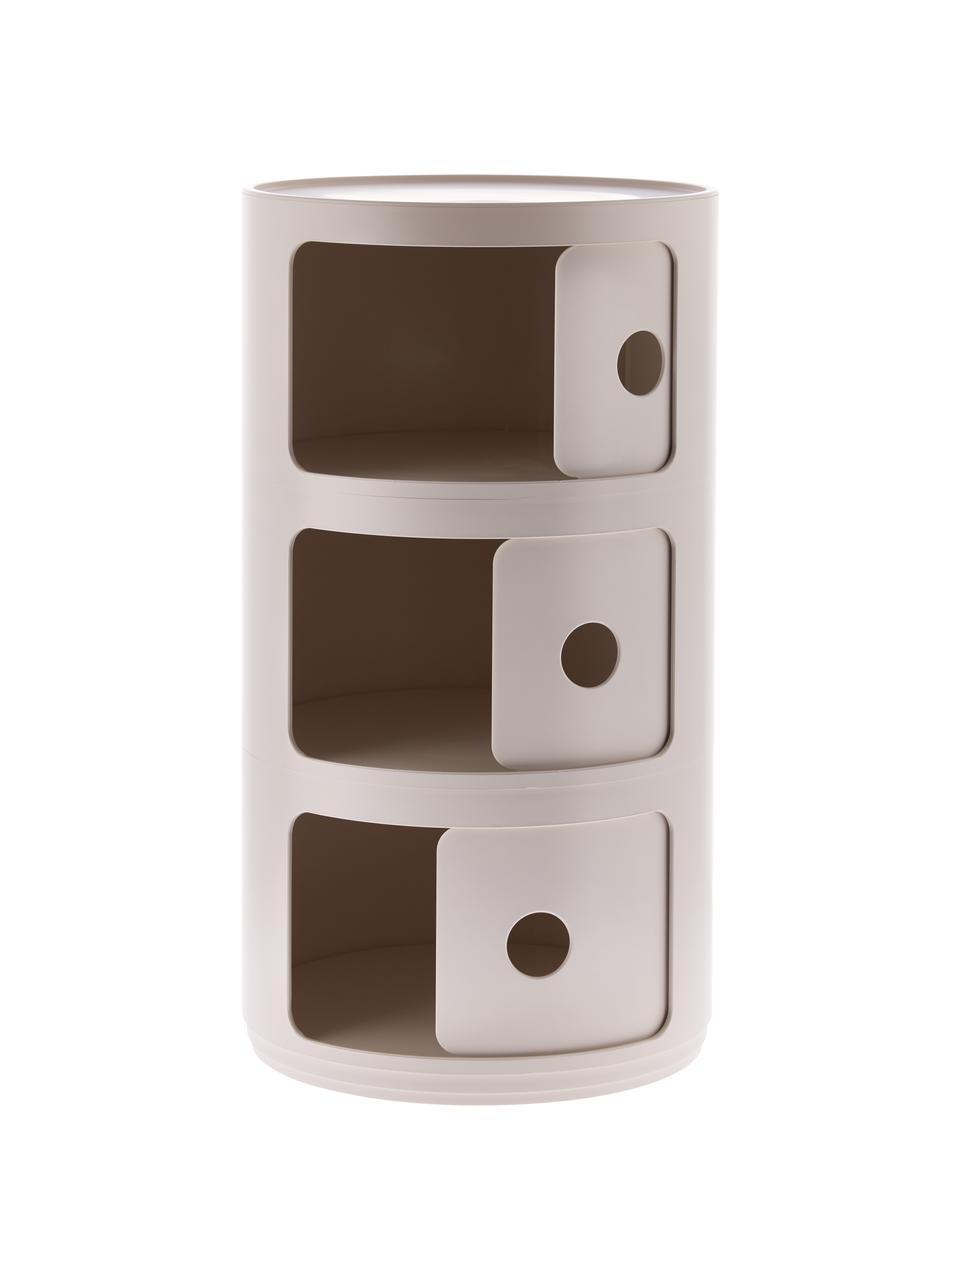 Table d'appoint design 3 compartiments Componibile, Crème, mat